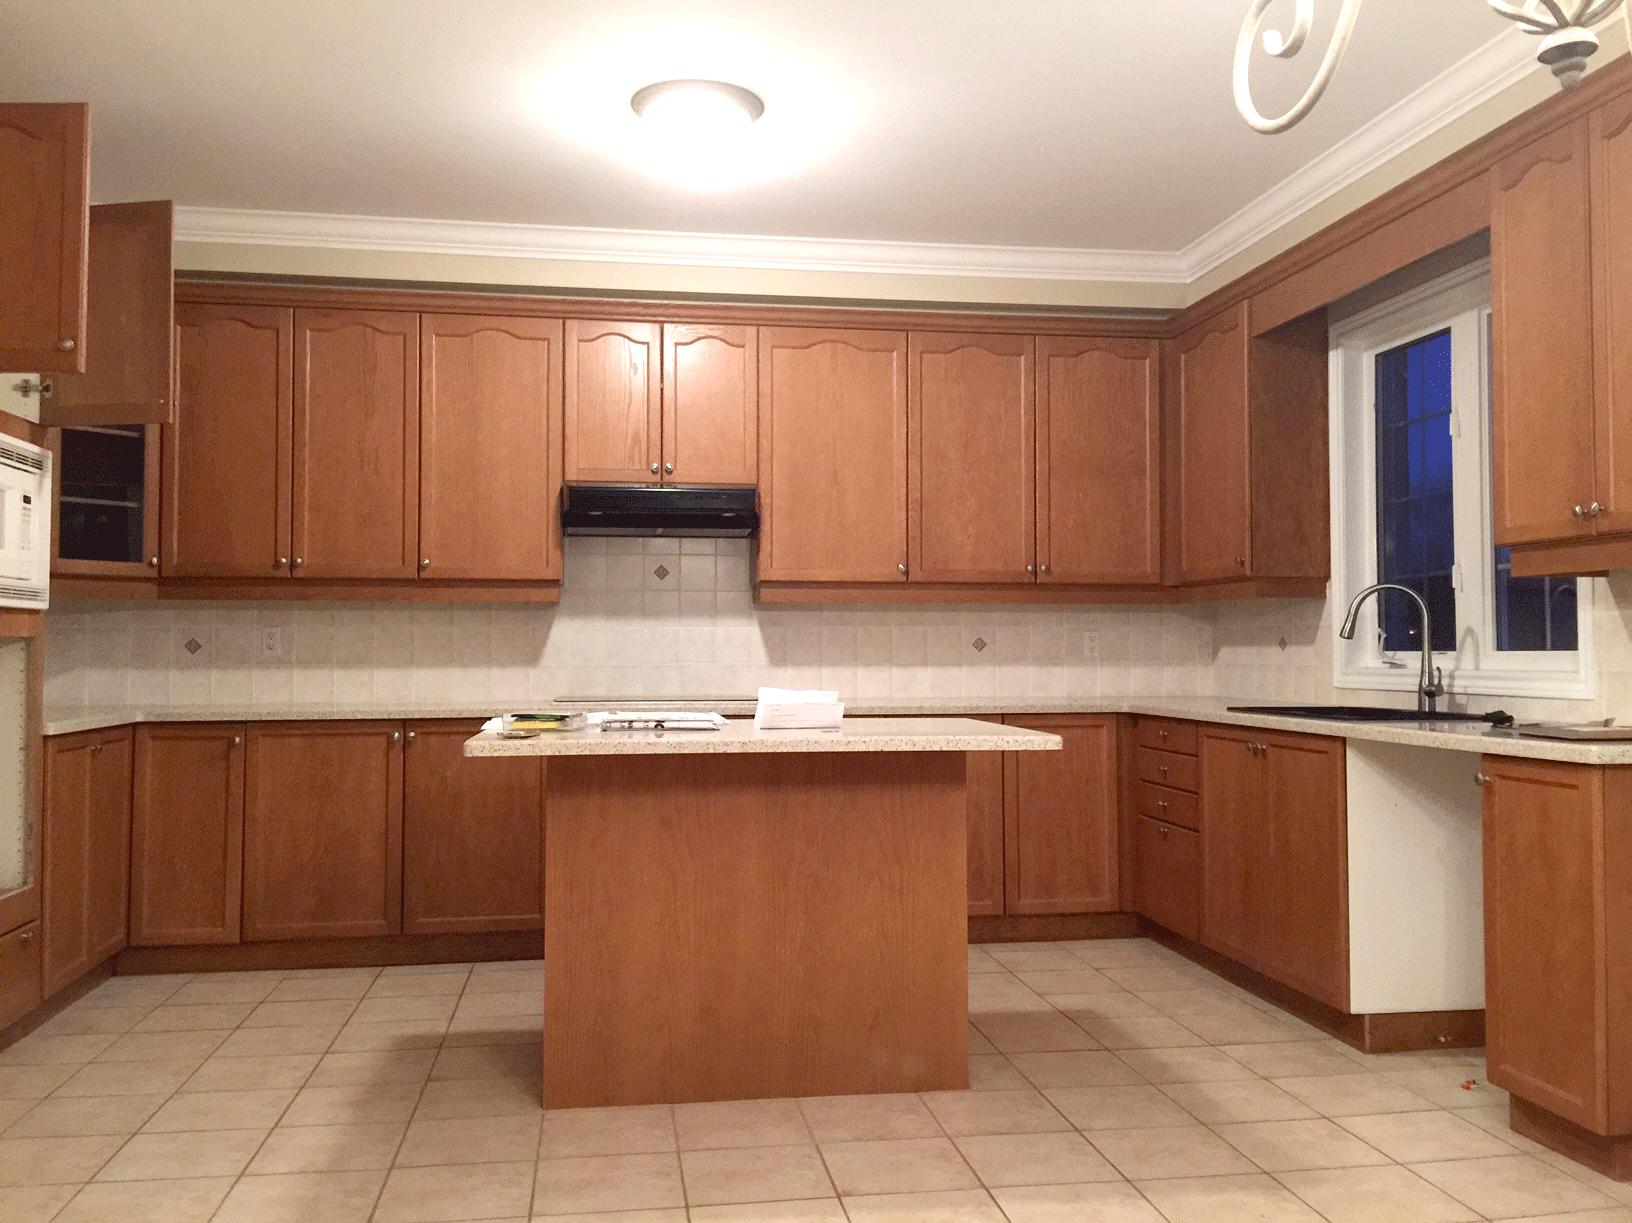 _0000_Kitchen-Tile1.png